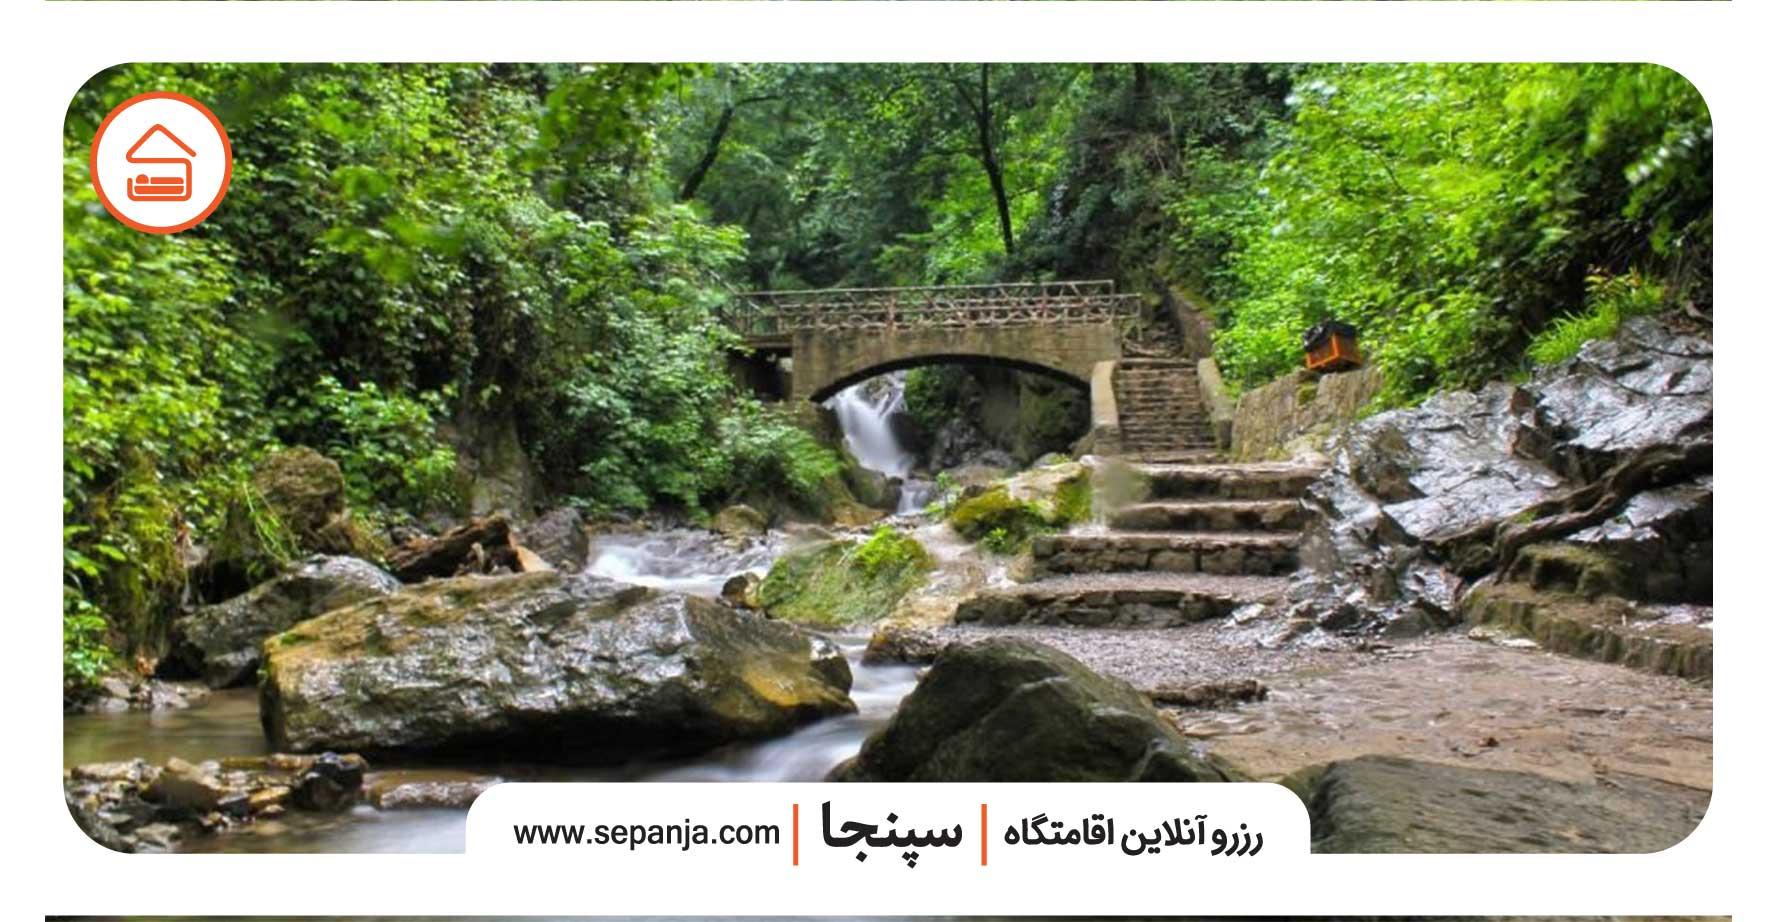 آبشارهای زیاد کبودوال در استان گلستان